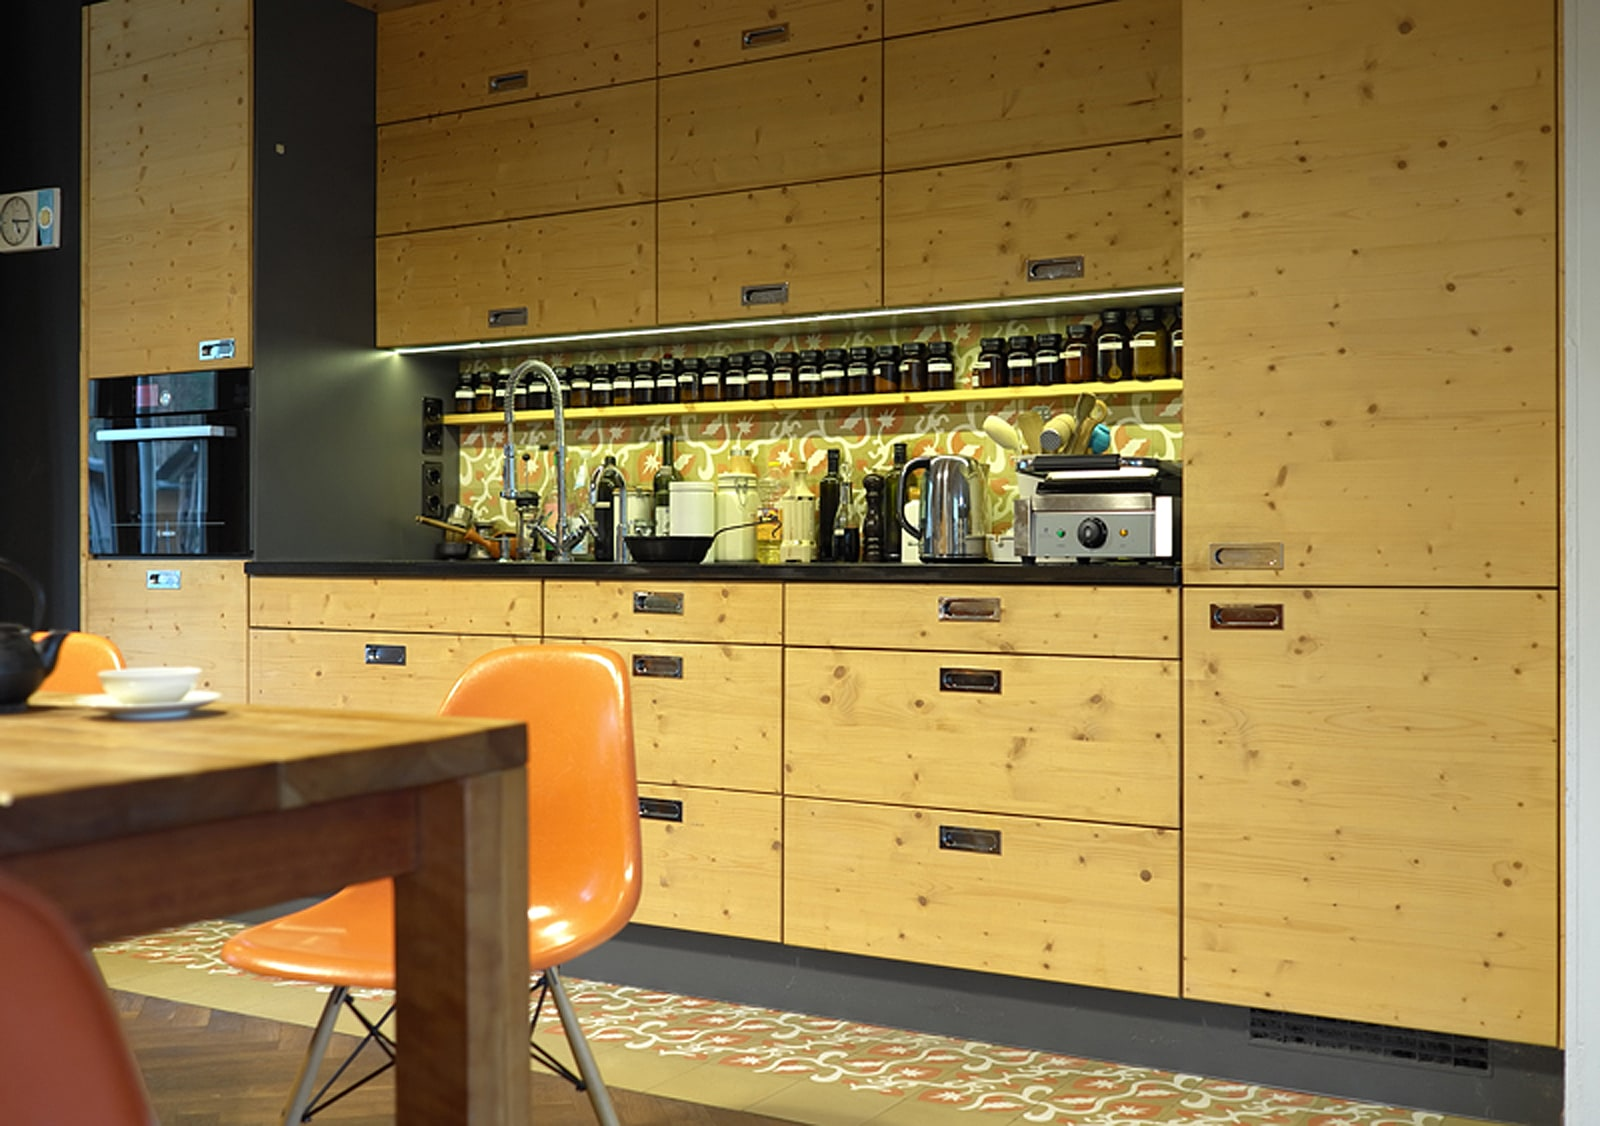 Full Size of Wandfliesen Küche Landhausstil Alternative Zu Wandfliesen Küche Italienische Wandfliesen Küche Wandfliesen Küche Modern Küche Wandfliesen Küche